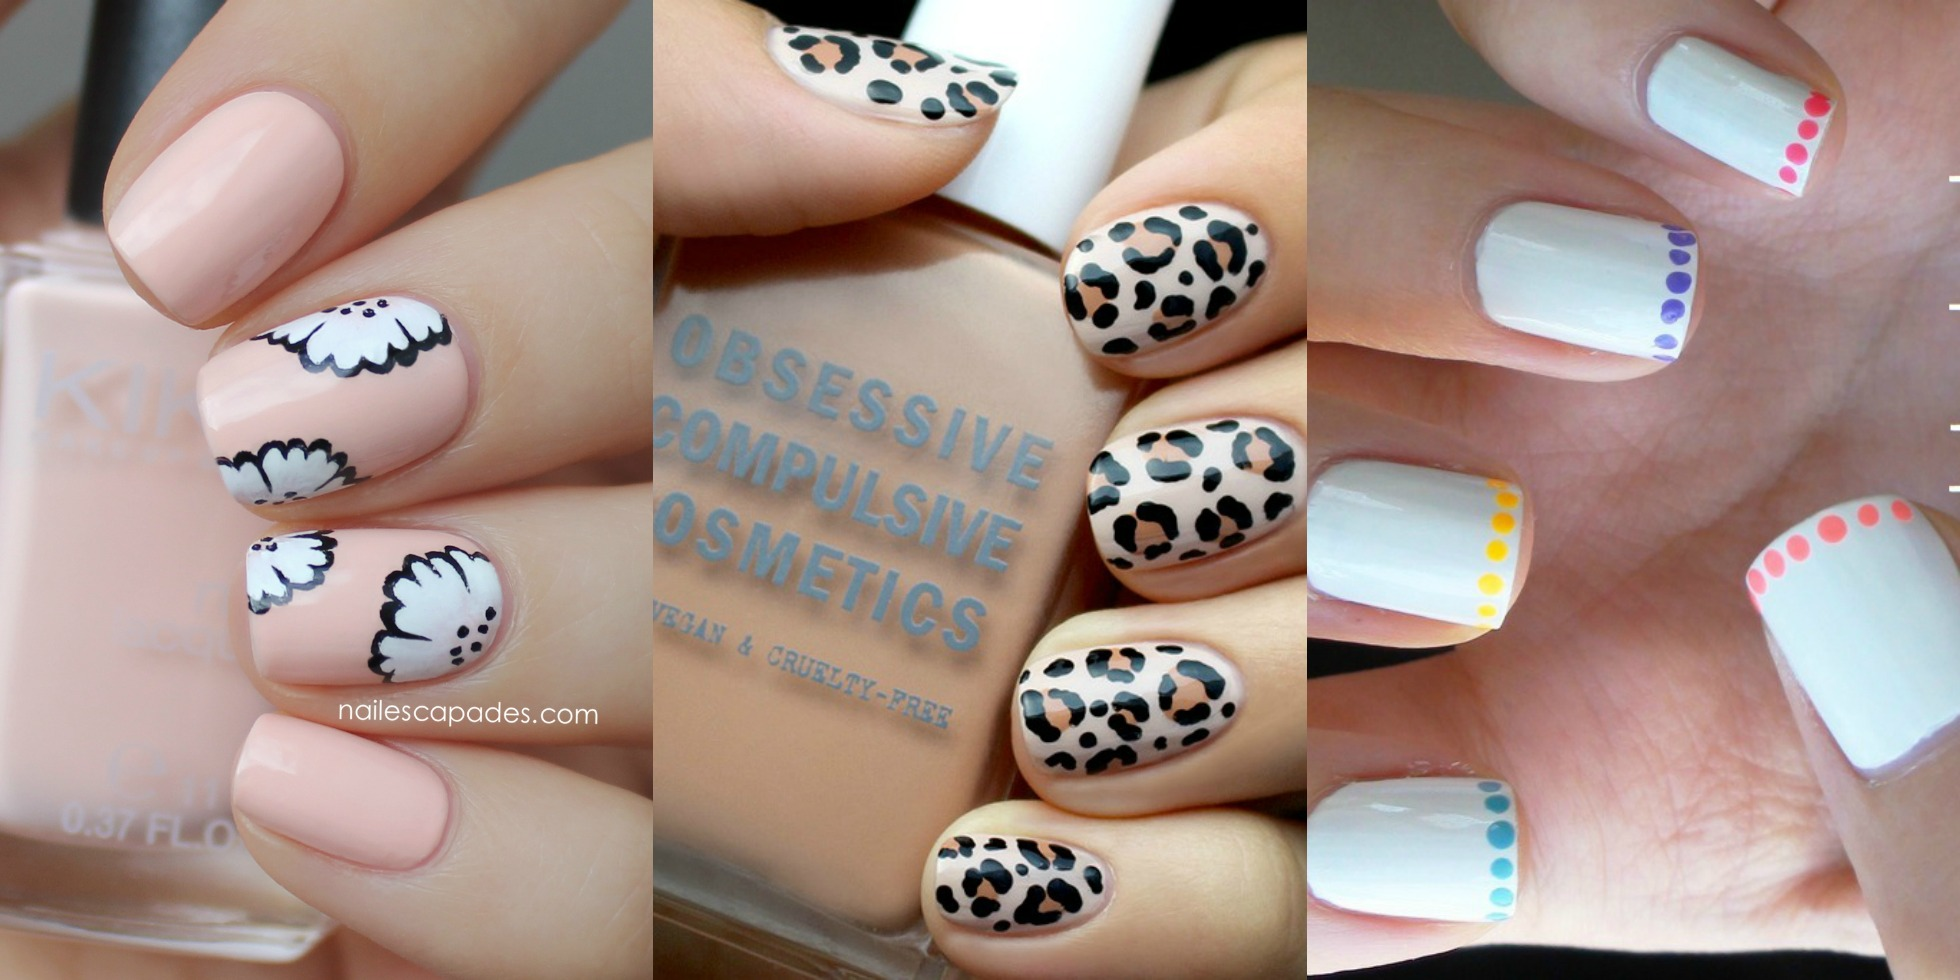 Nail Design Ideas For Short Nails prev next motif gray nail art design idea for short nails cute 10 Photos